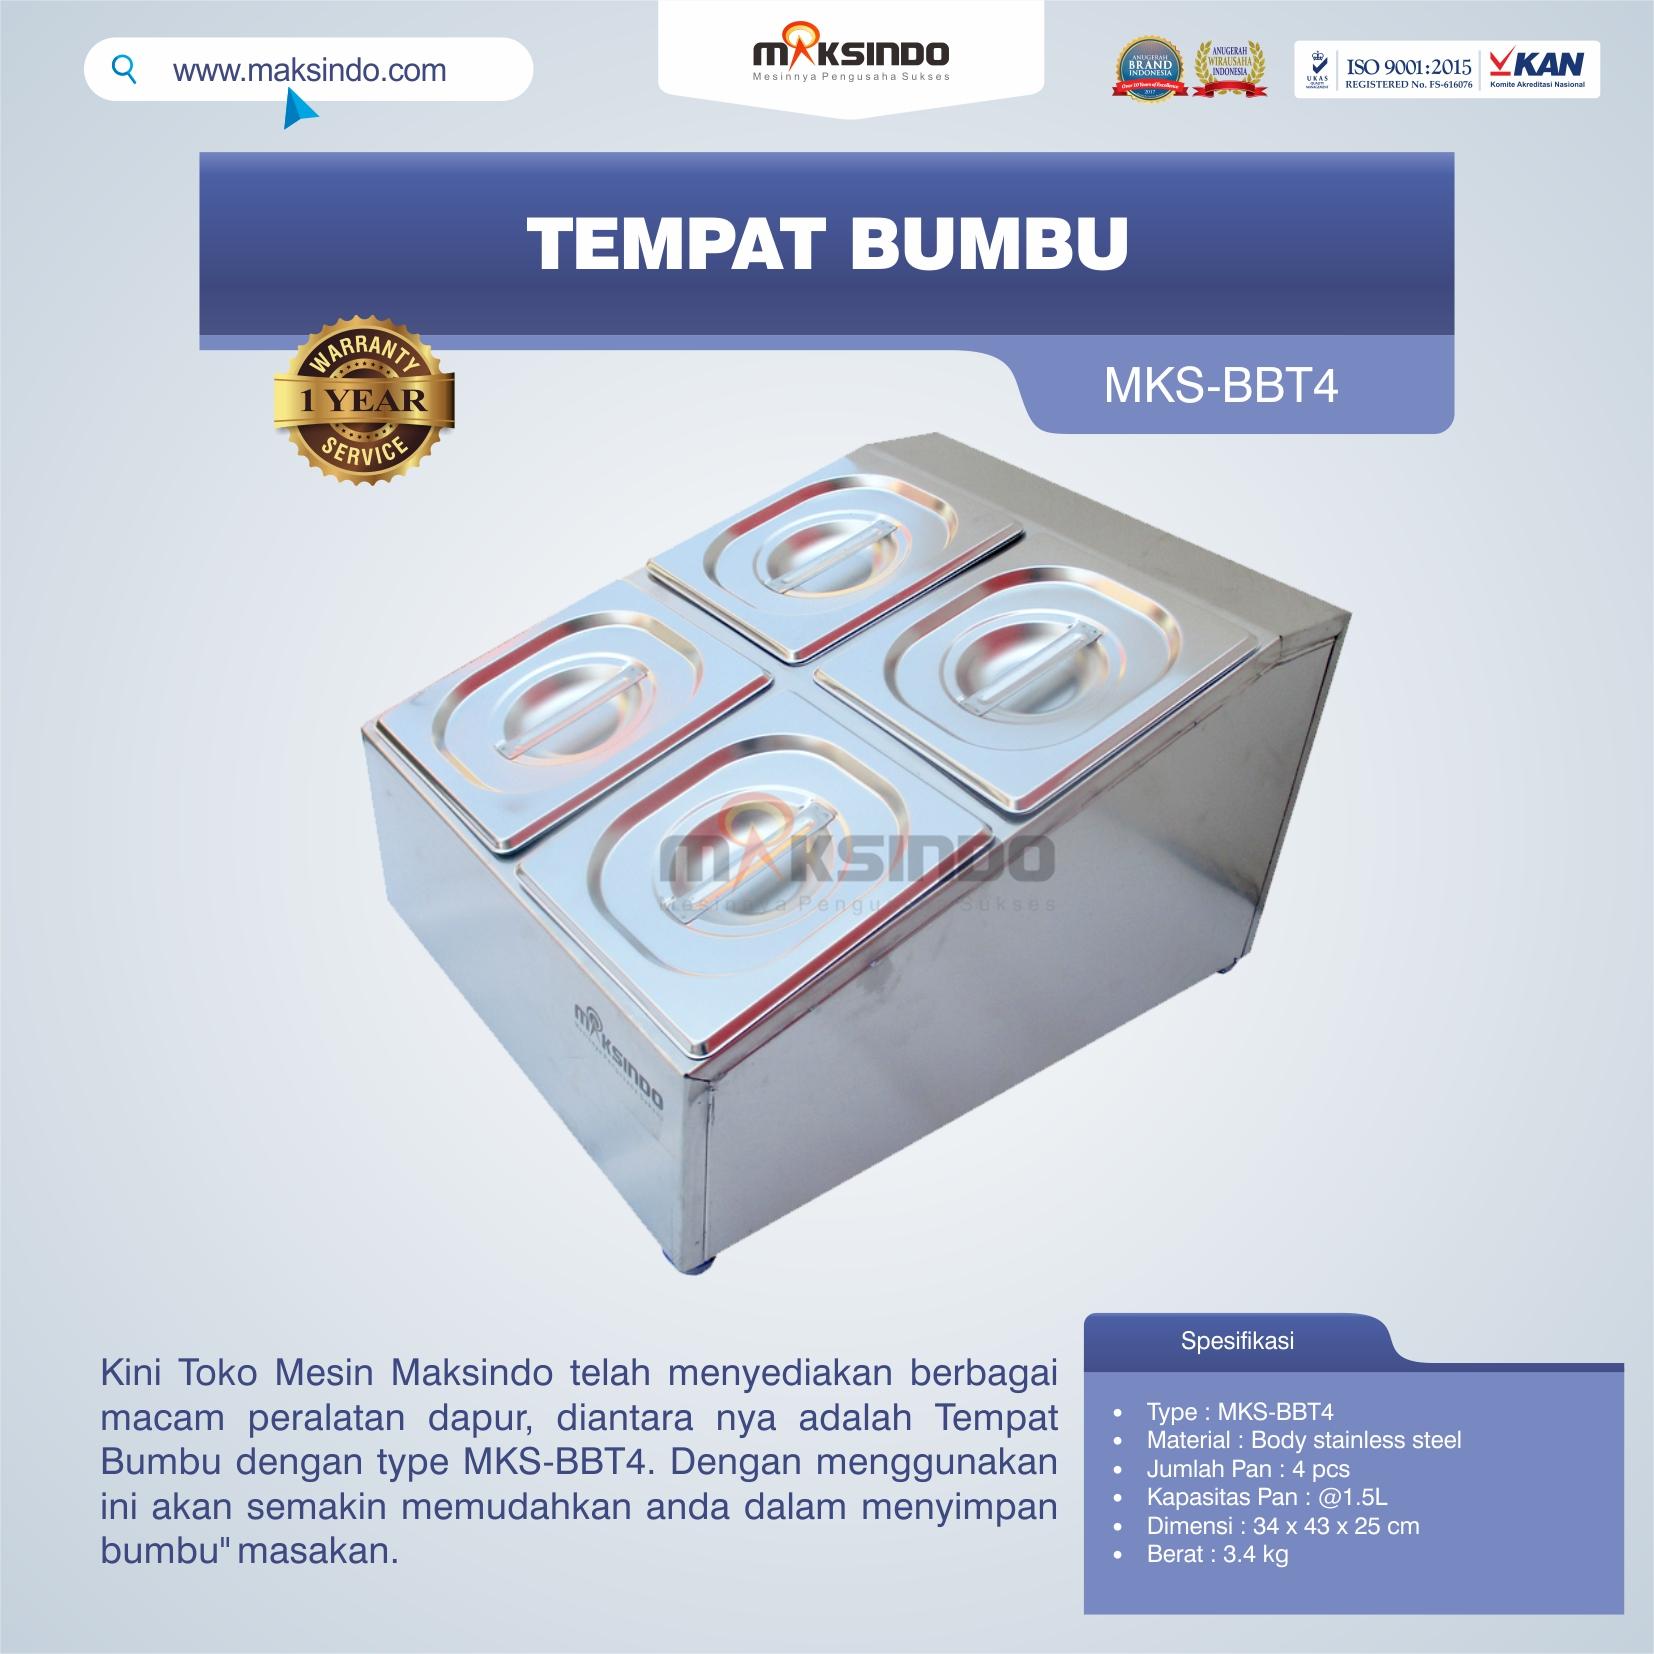 Jual Tempat Bumbu MKS-BBT4 di Bogor